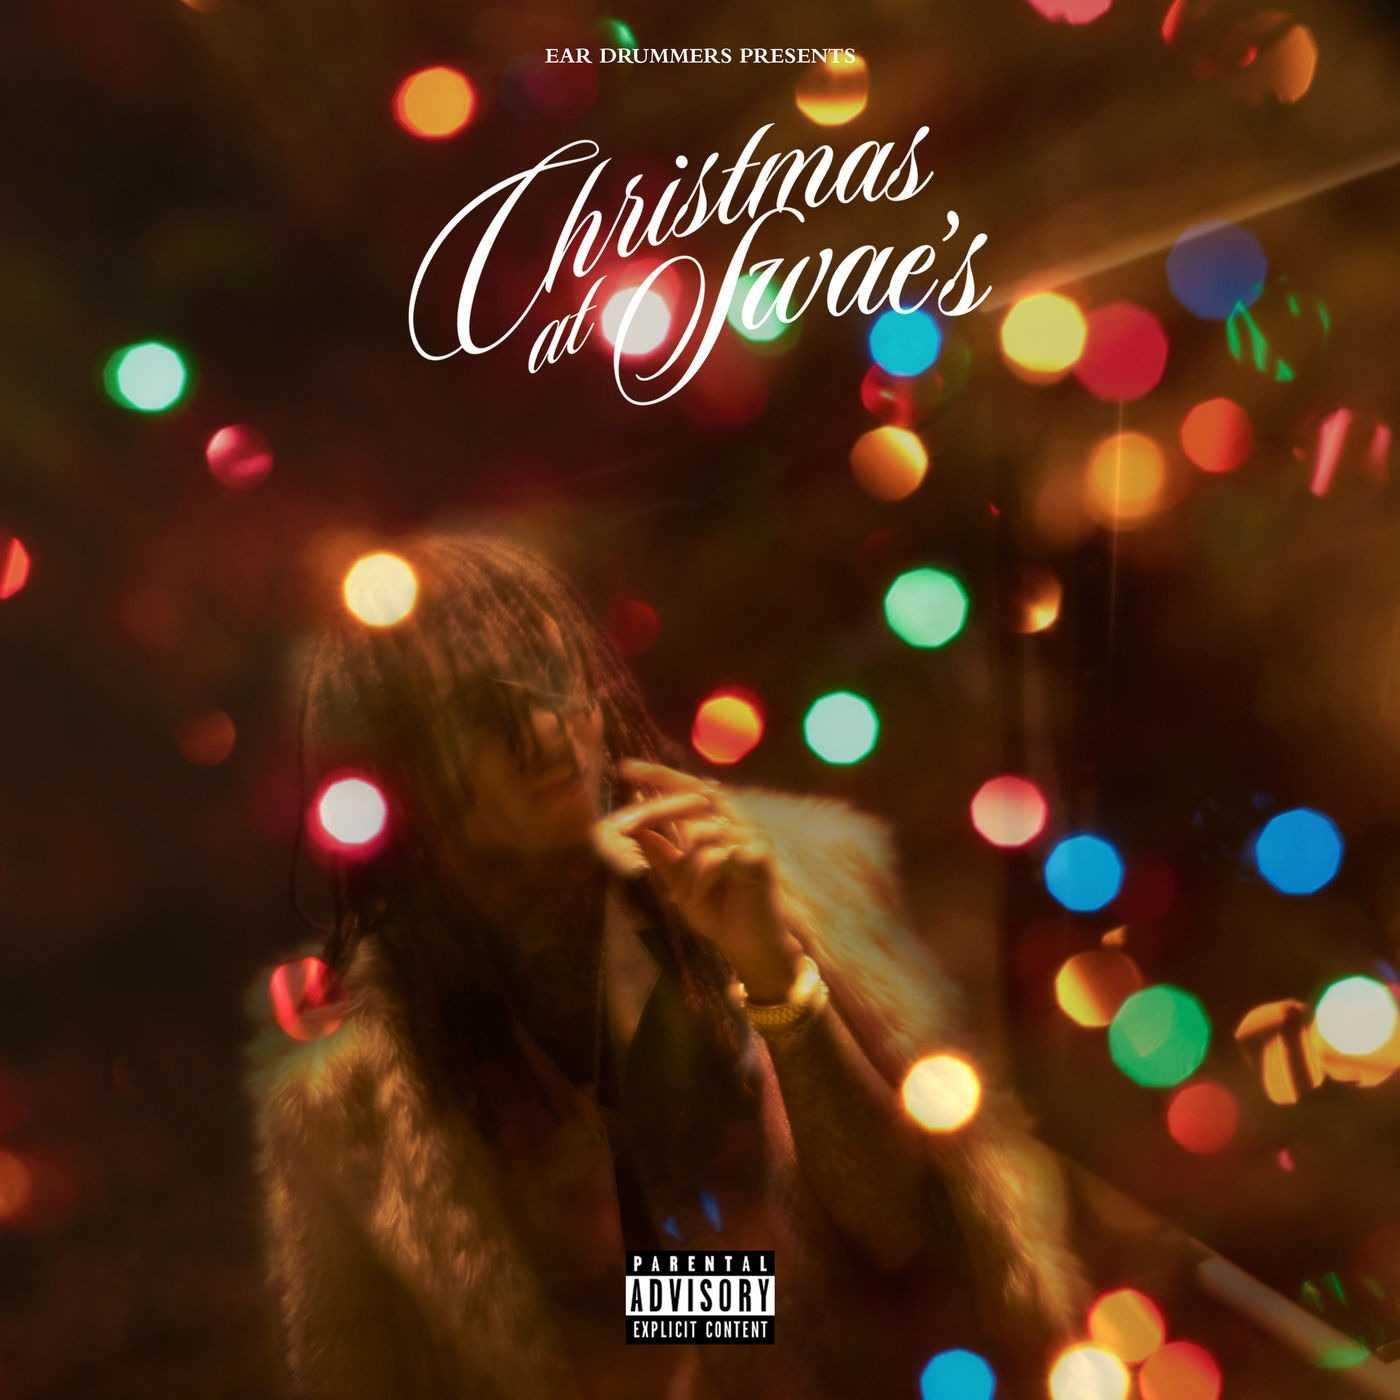 New Single: Swae Lee, Rae Sremmurd & Ear Drummers | Ear Drummers Presents Christmas at Swae's [Audio]